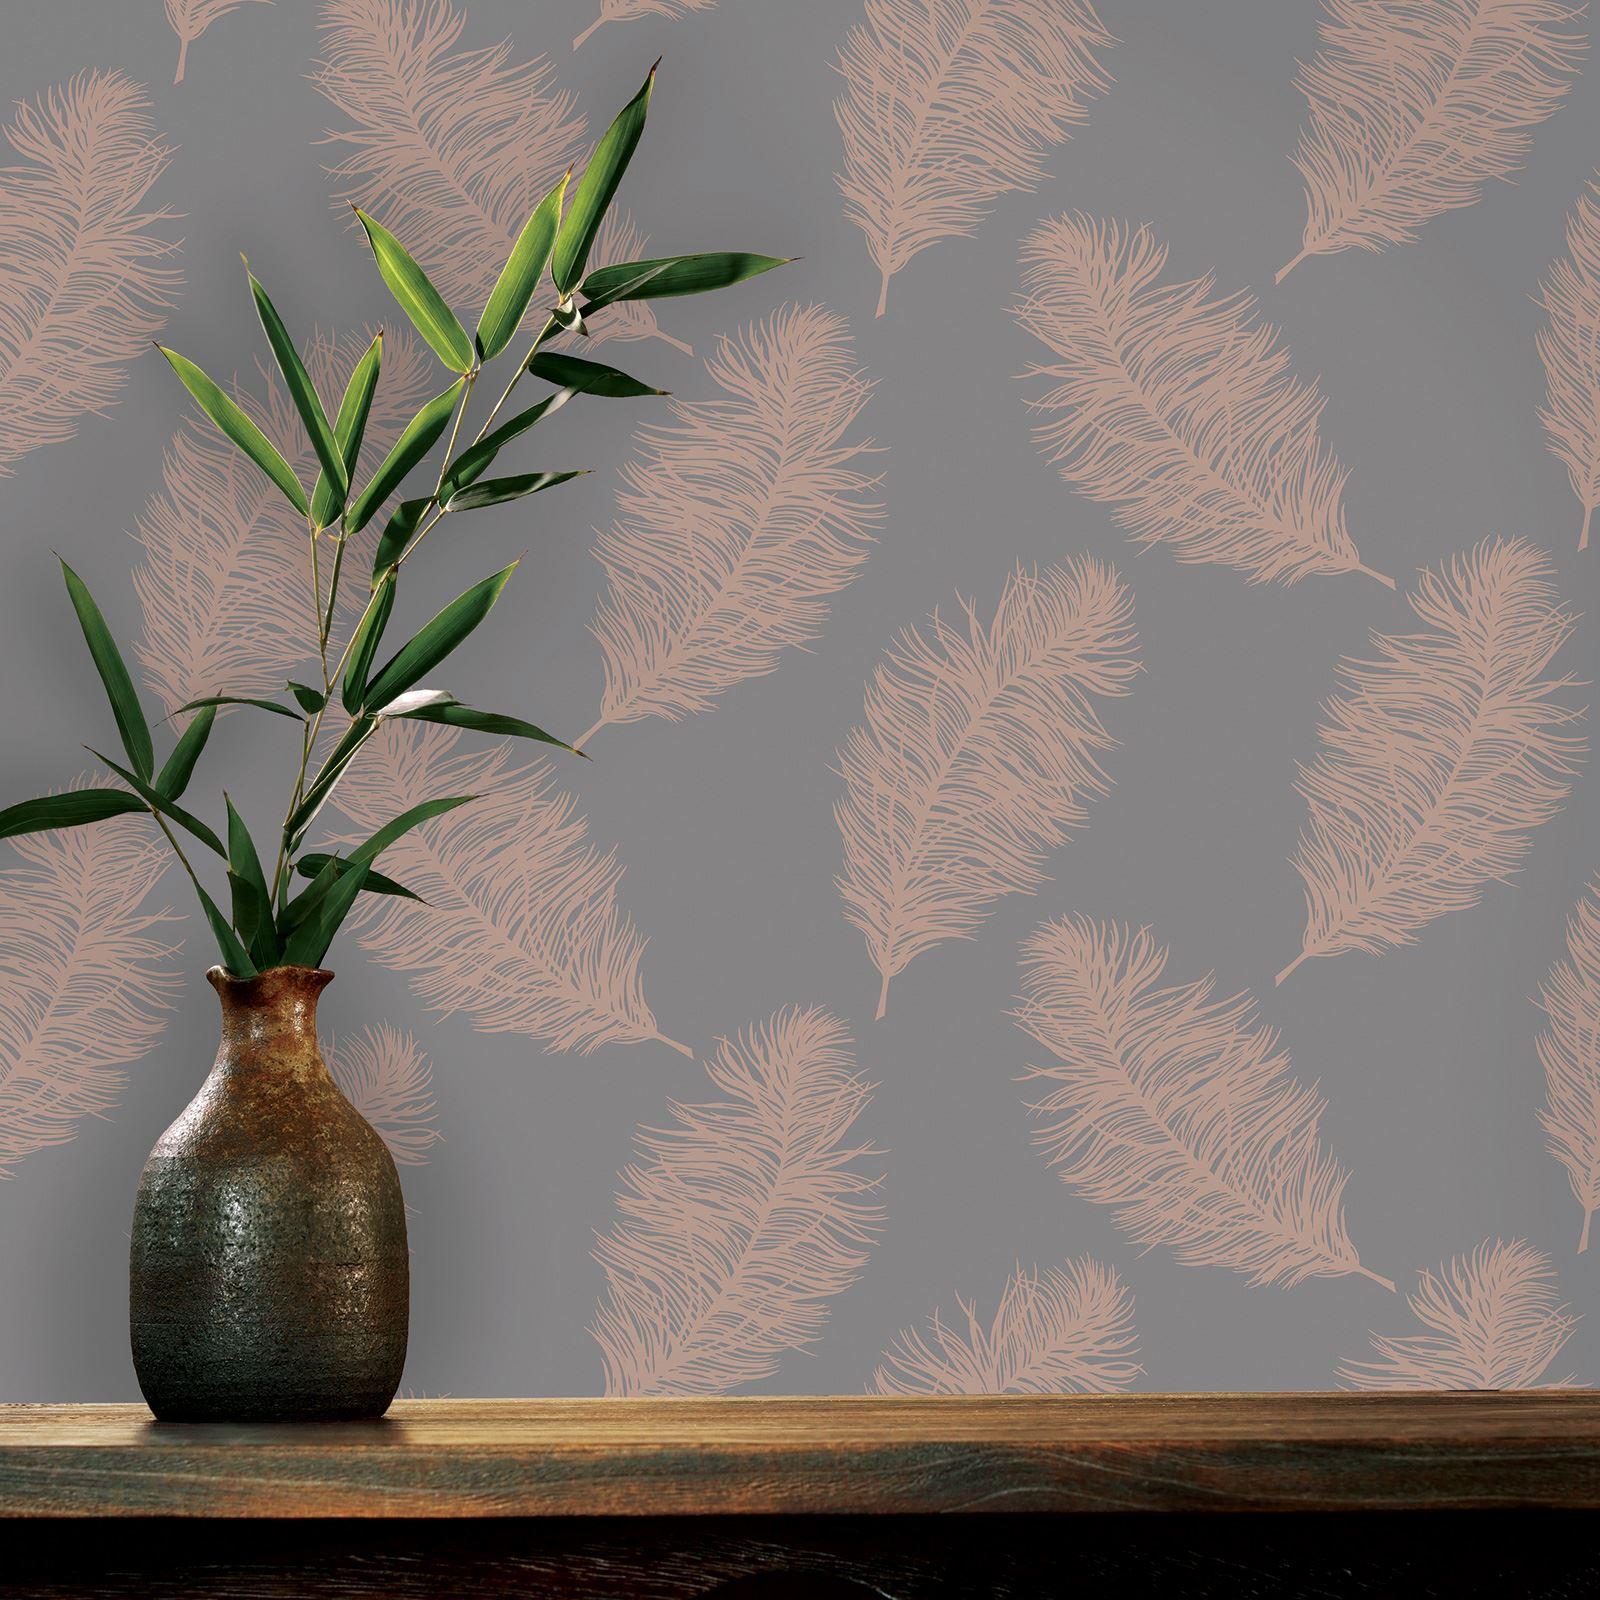 Rotgold-Tapete-Grau-Creme-Exotisch-Blumen-Tropisch-Palme-Blaetter-Geometrisch Indexbild 26